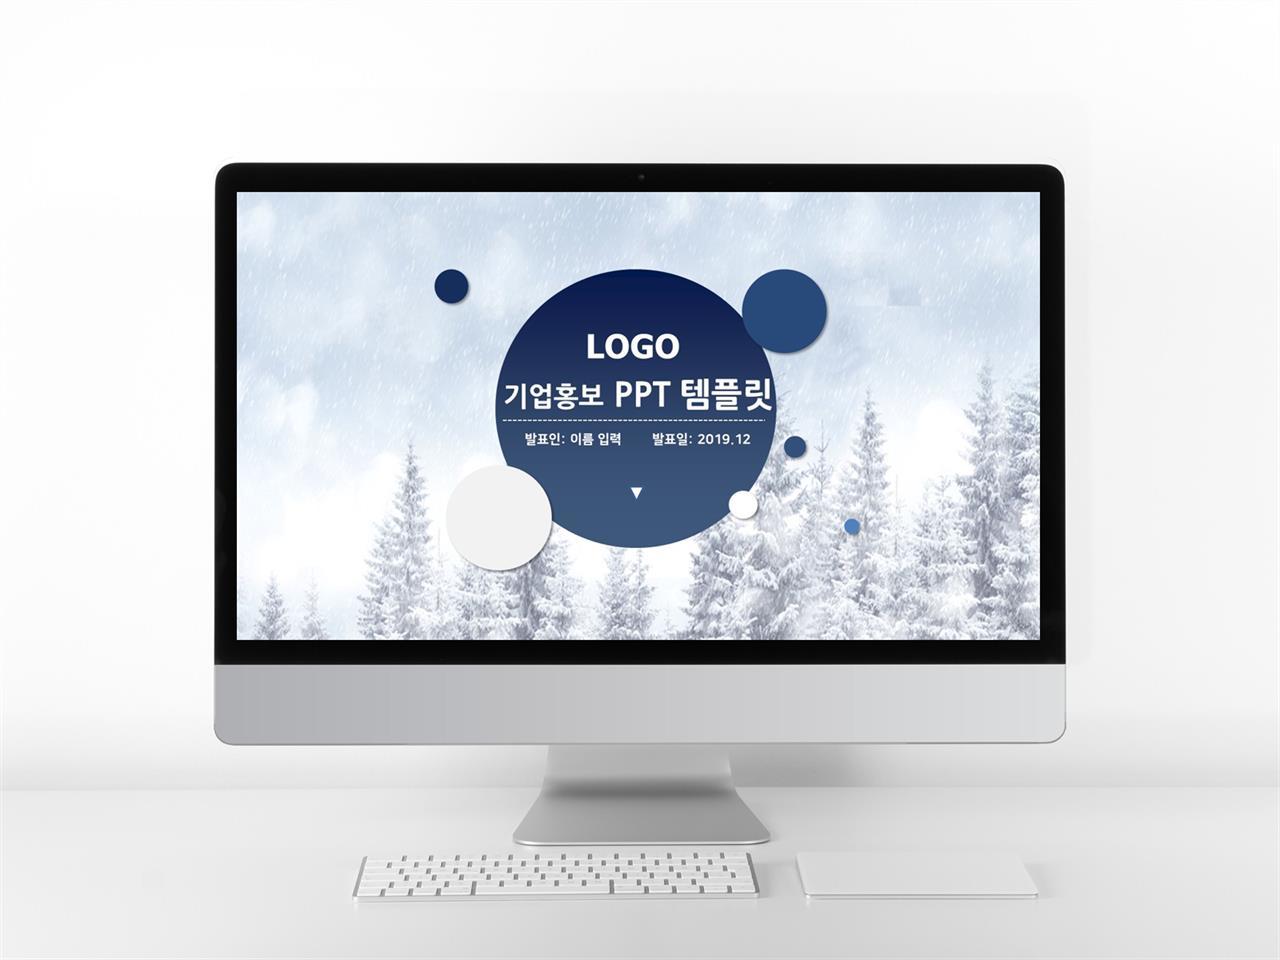 기업소개 블루 단순한 다양한 주제에 어울리는 PPT서식 디자인 미리보기